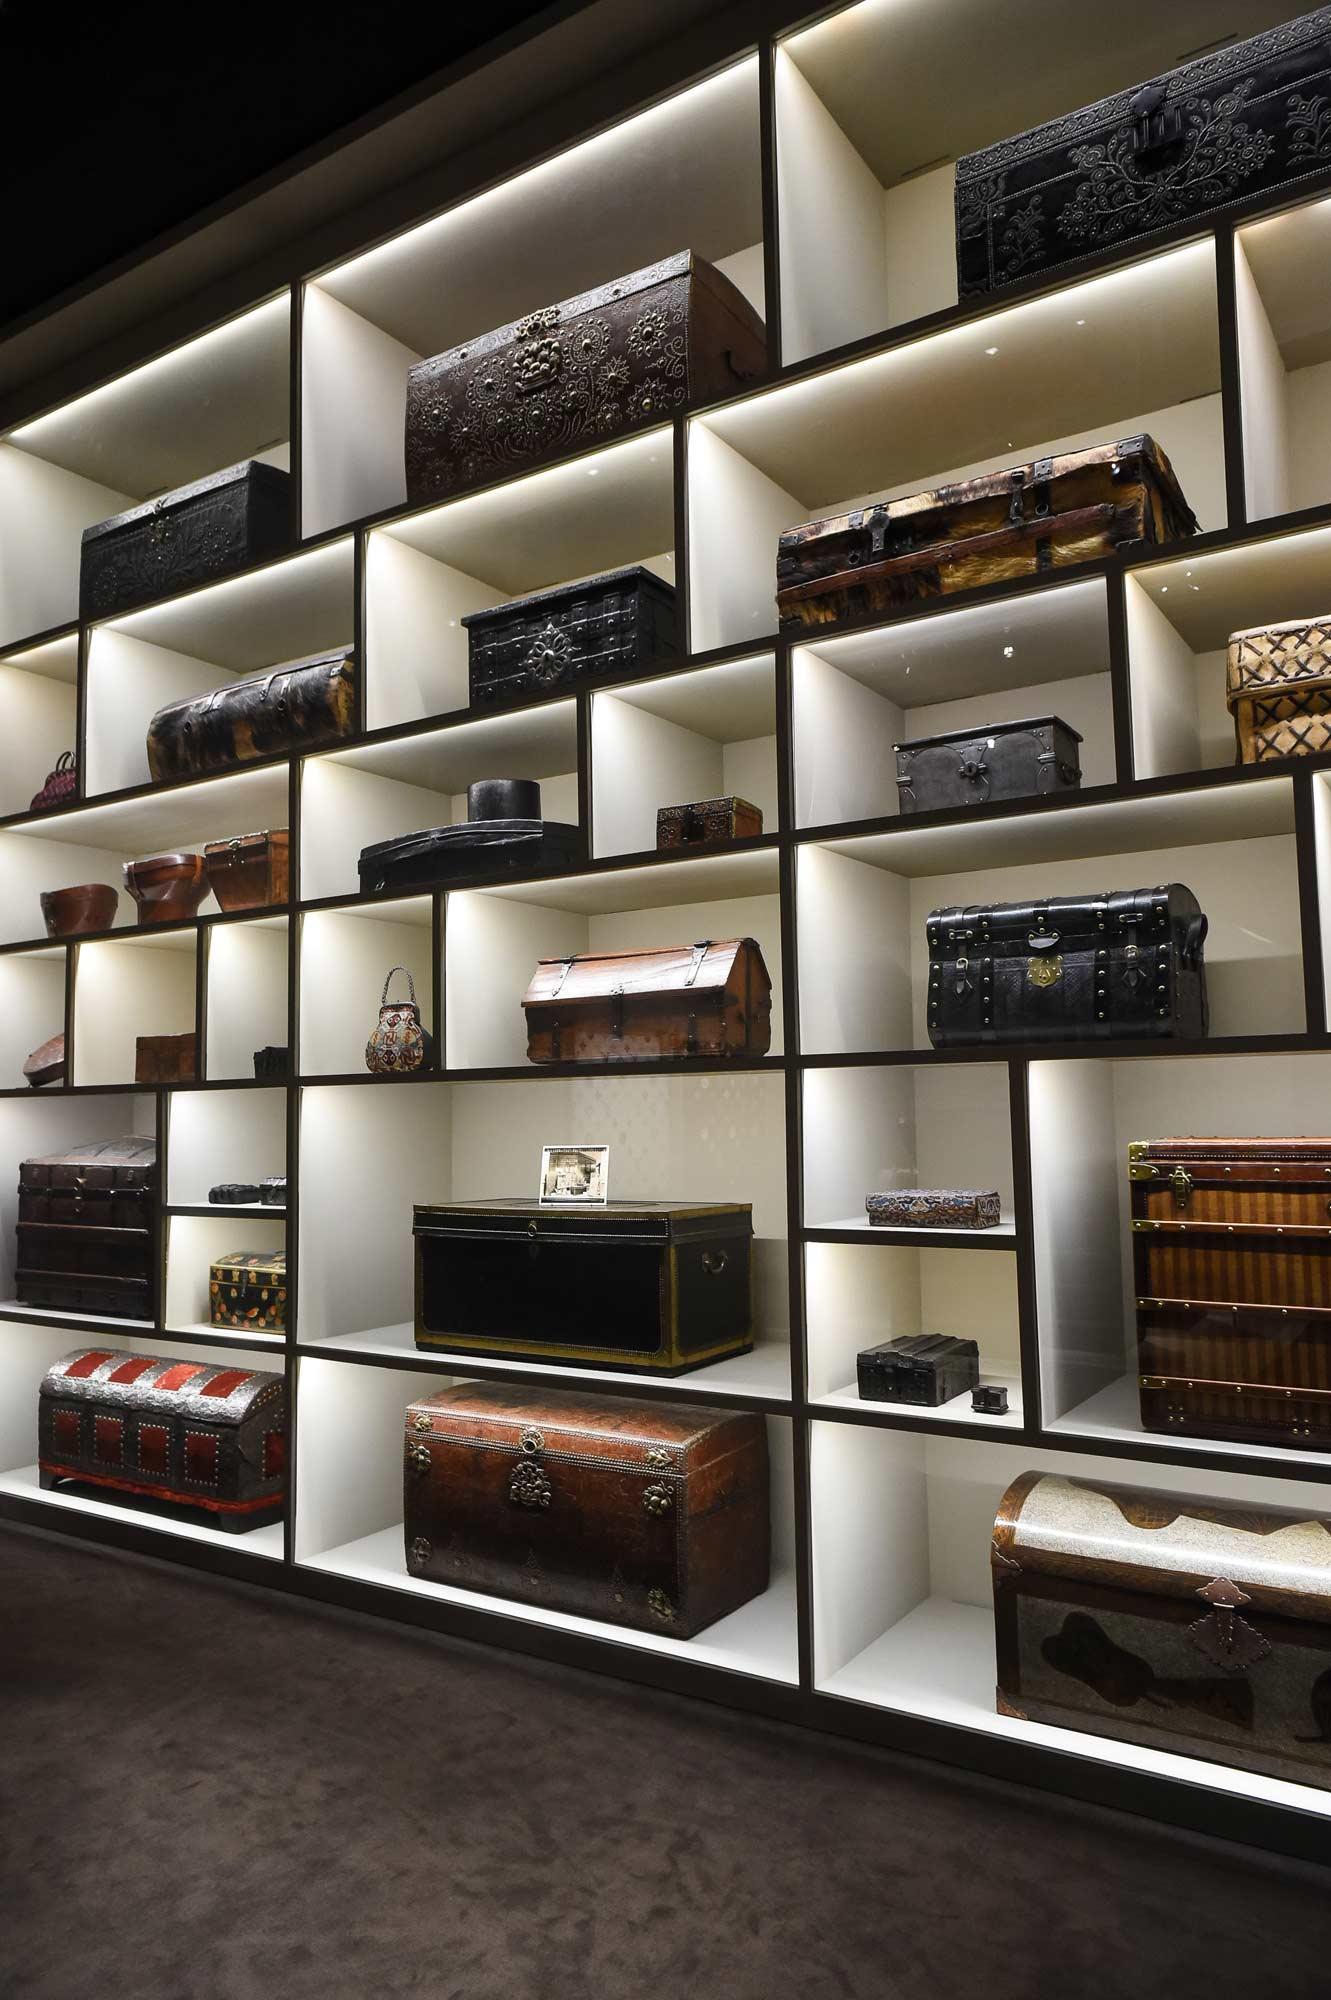 louis-vuitton-volez-voguez-voyagez-exhibition-new-york-11